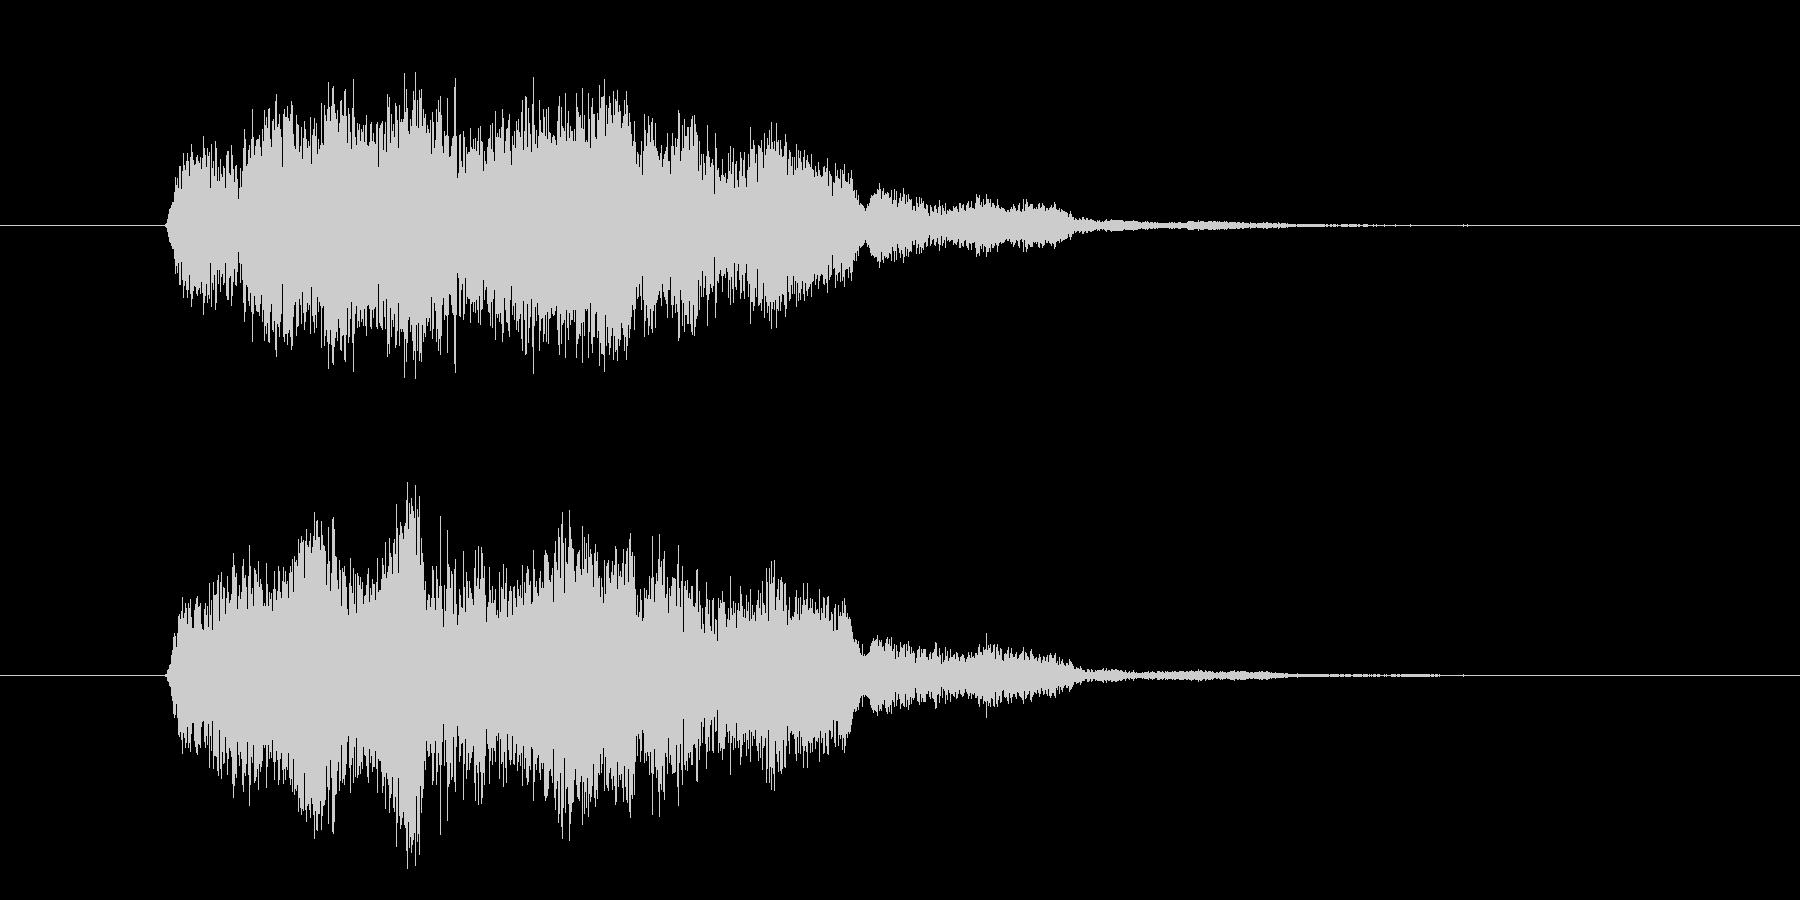 明るいカウント音の未再生の波形